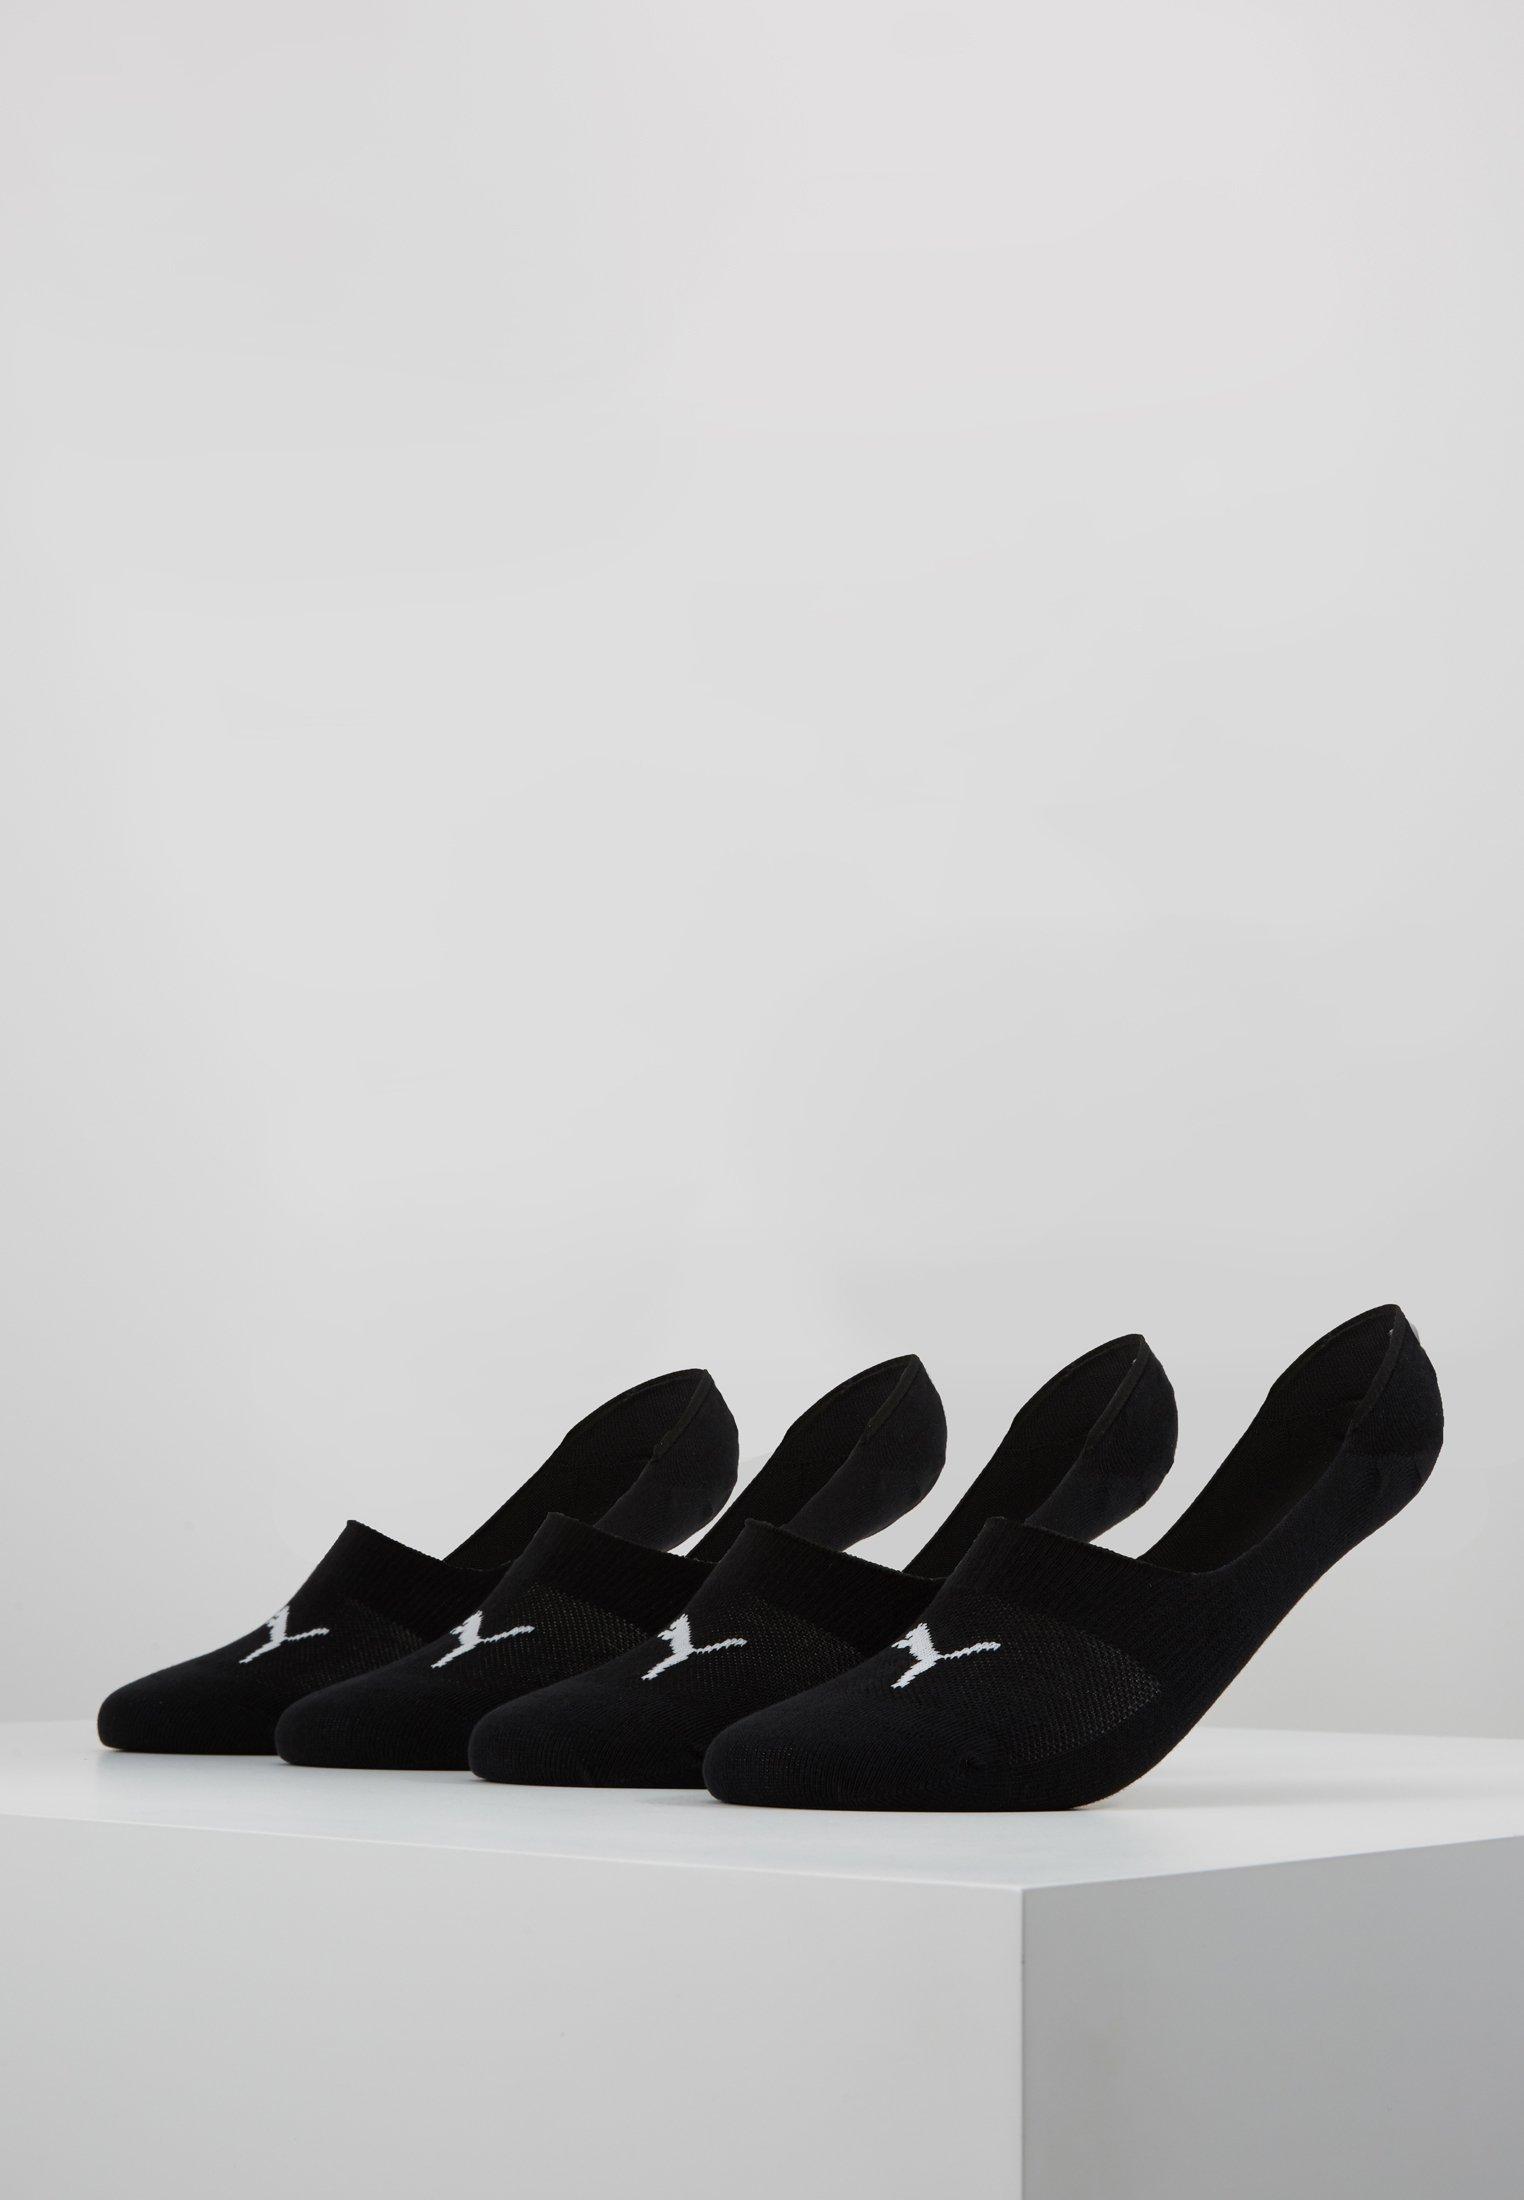 Herren FOOTIE UNISEX 4 PACK - Füßlinge